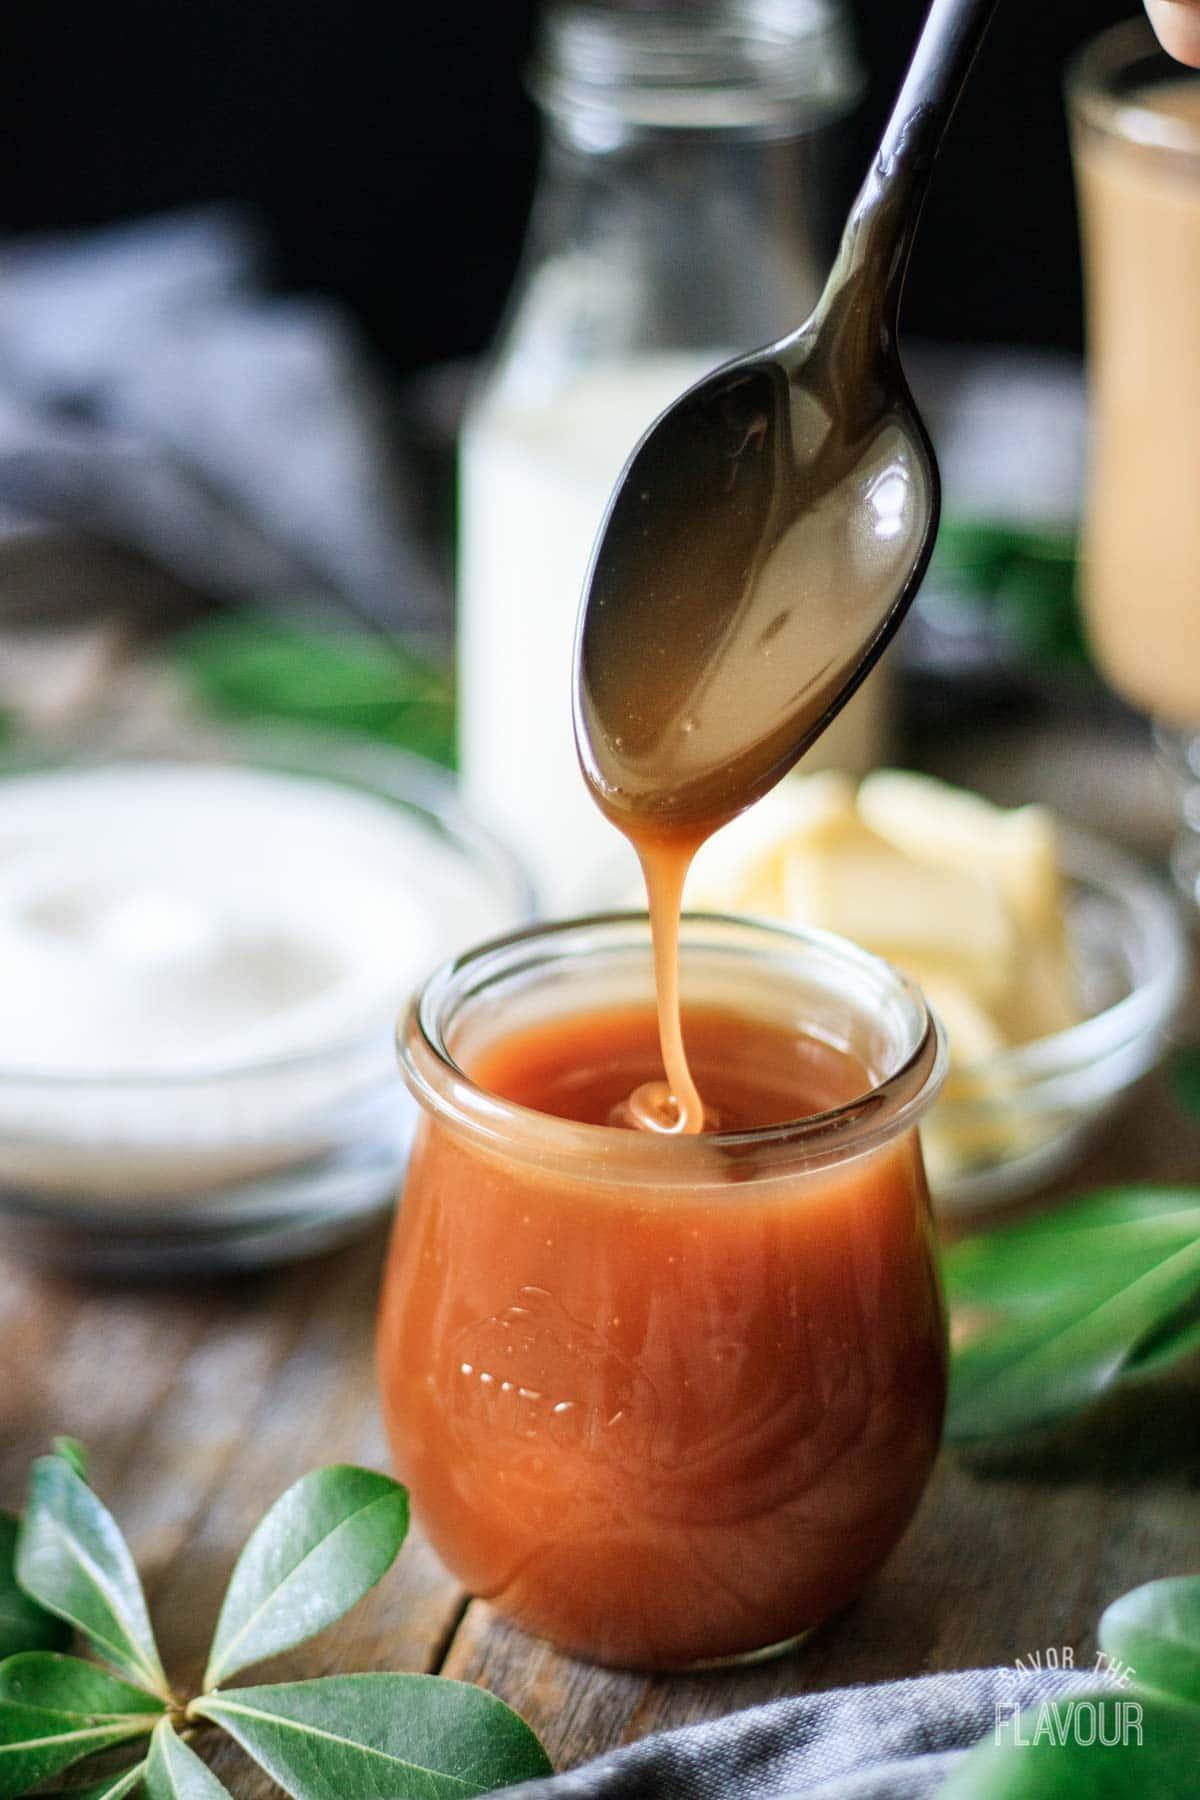 person dipping a spoon into homemade caramel sauce